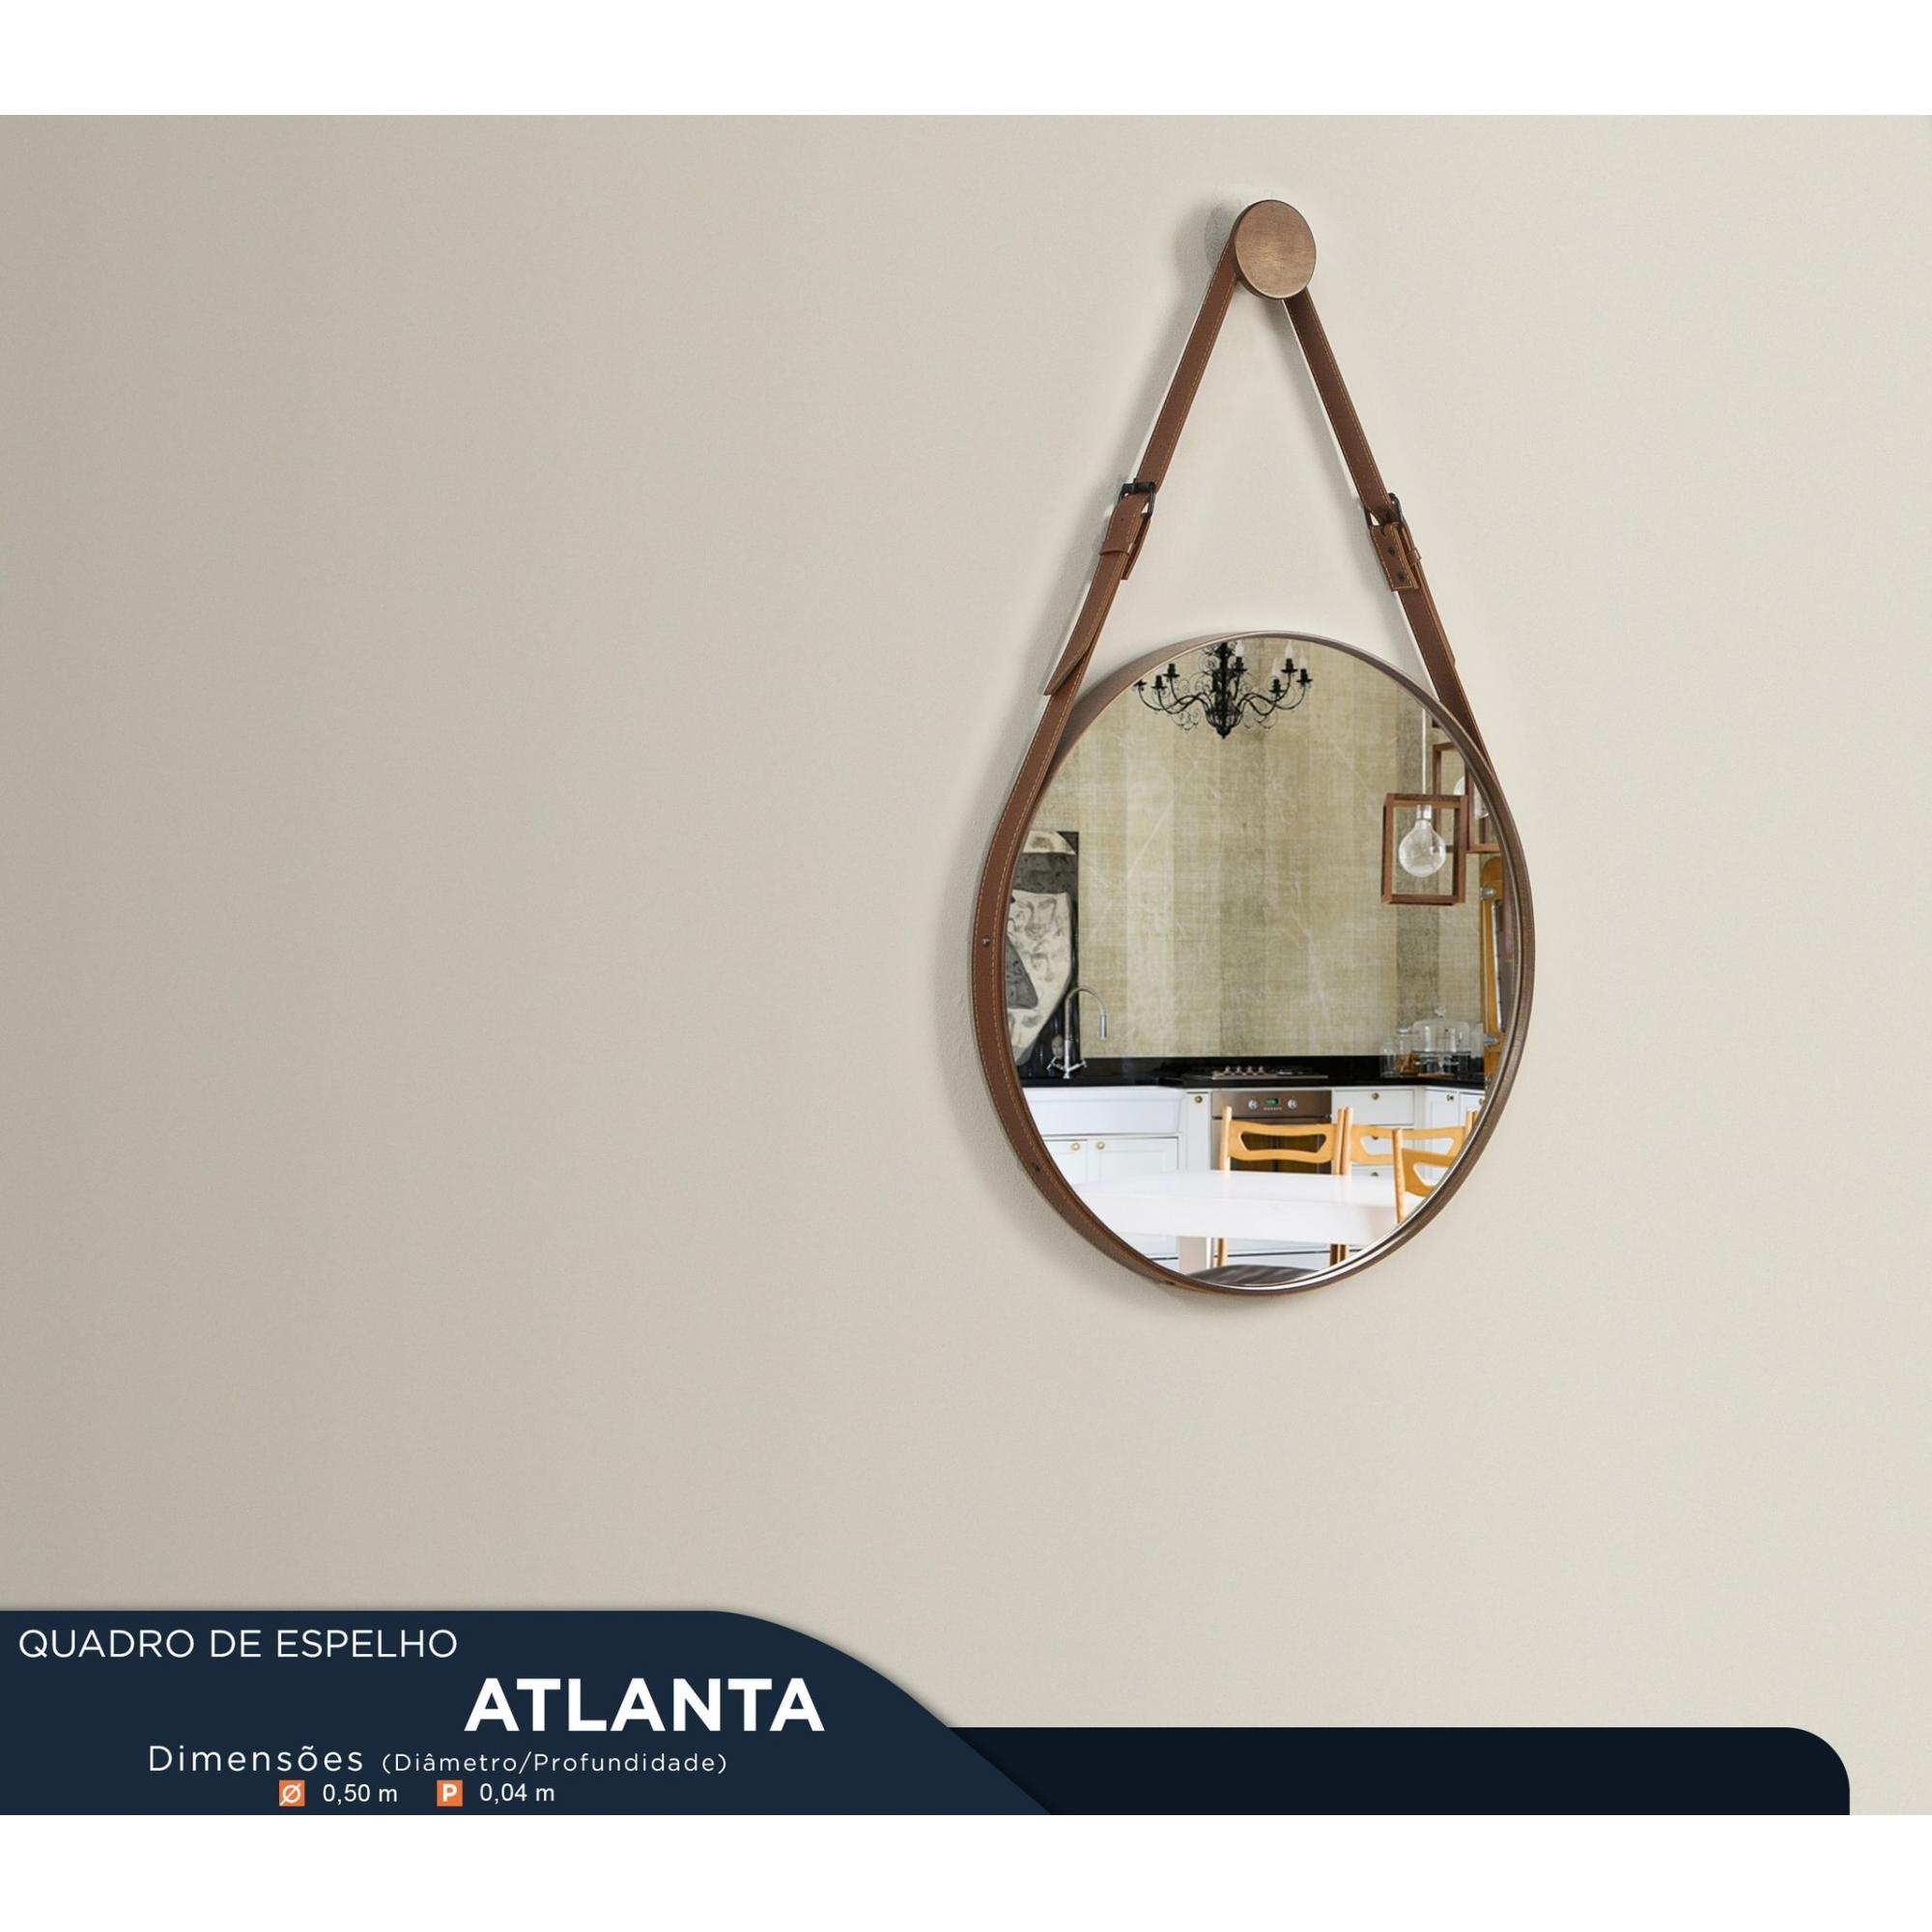 Quadro de Espelho Adnet H4cm Modelo Atlanta 50 cm Mozzoni